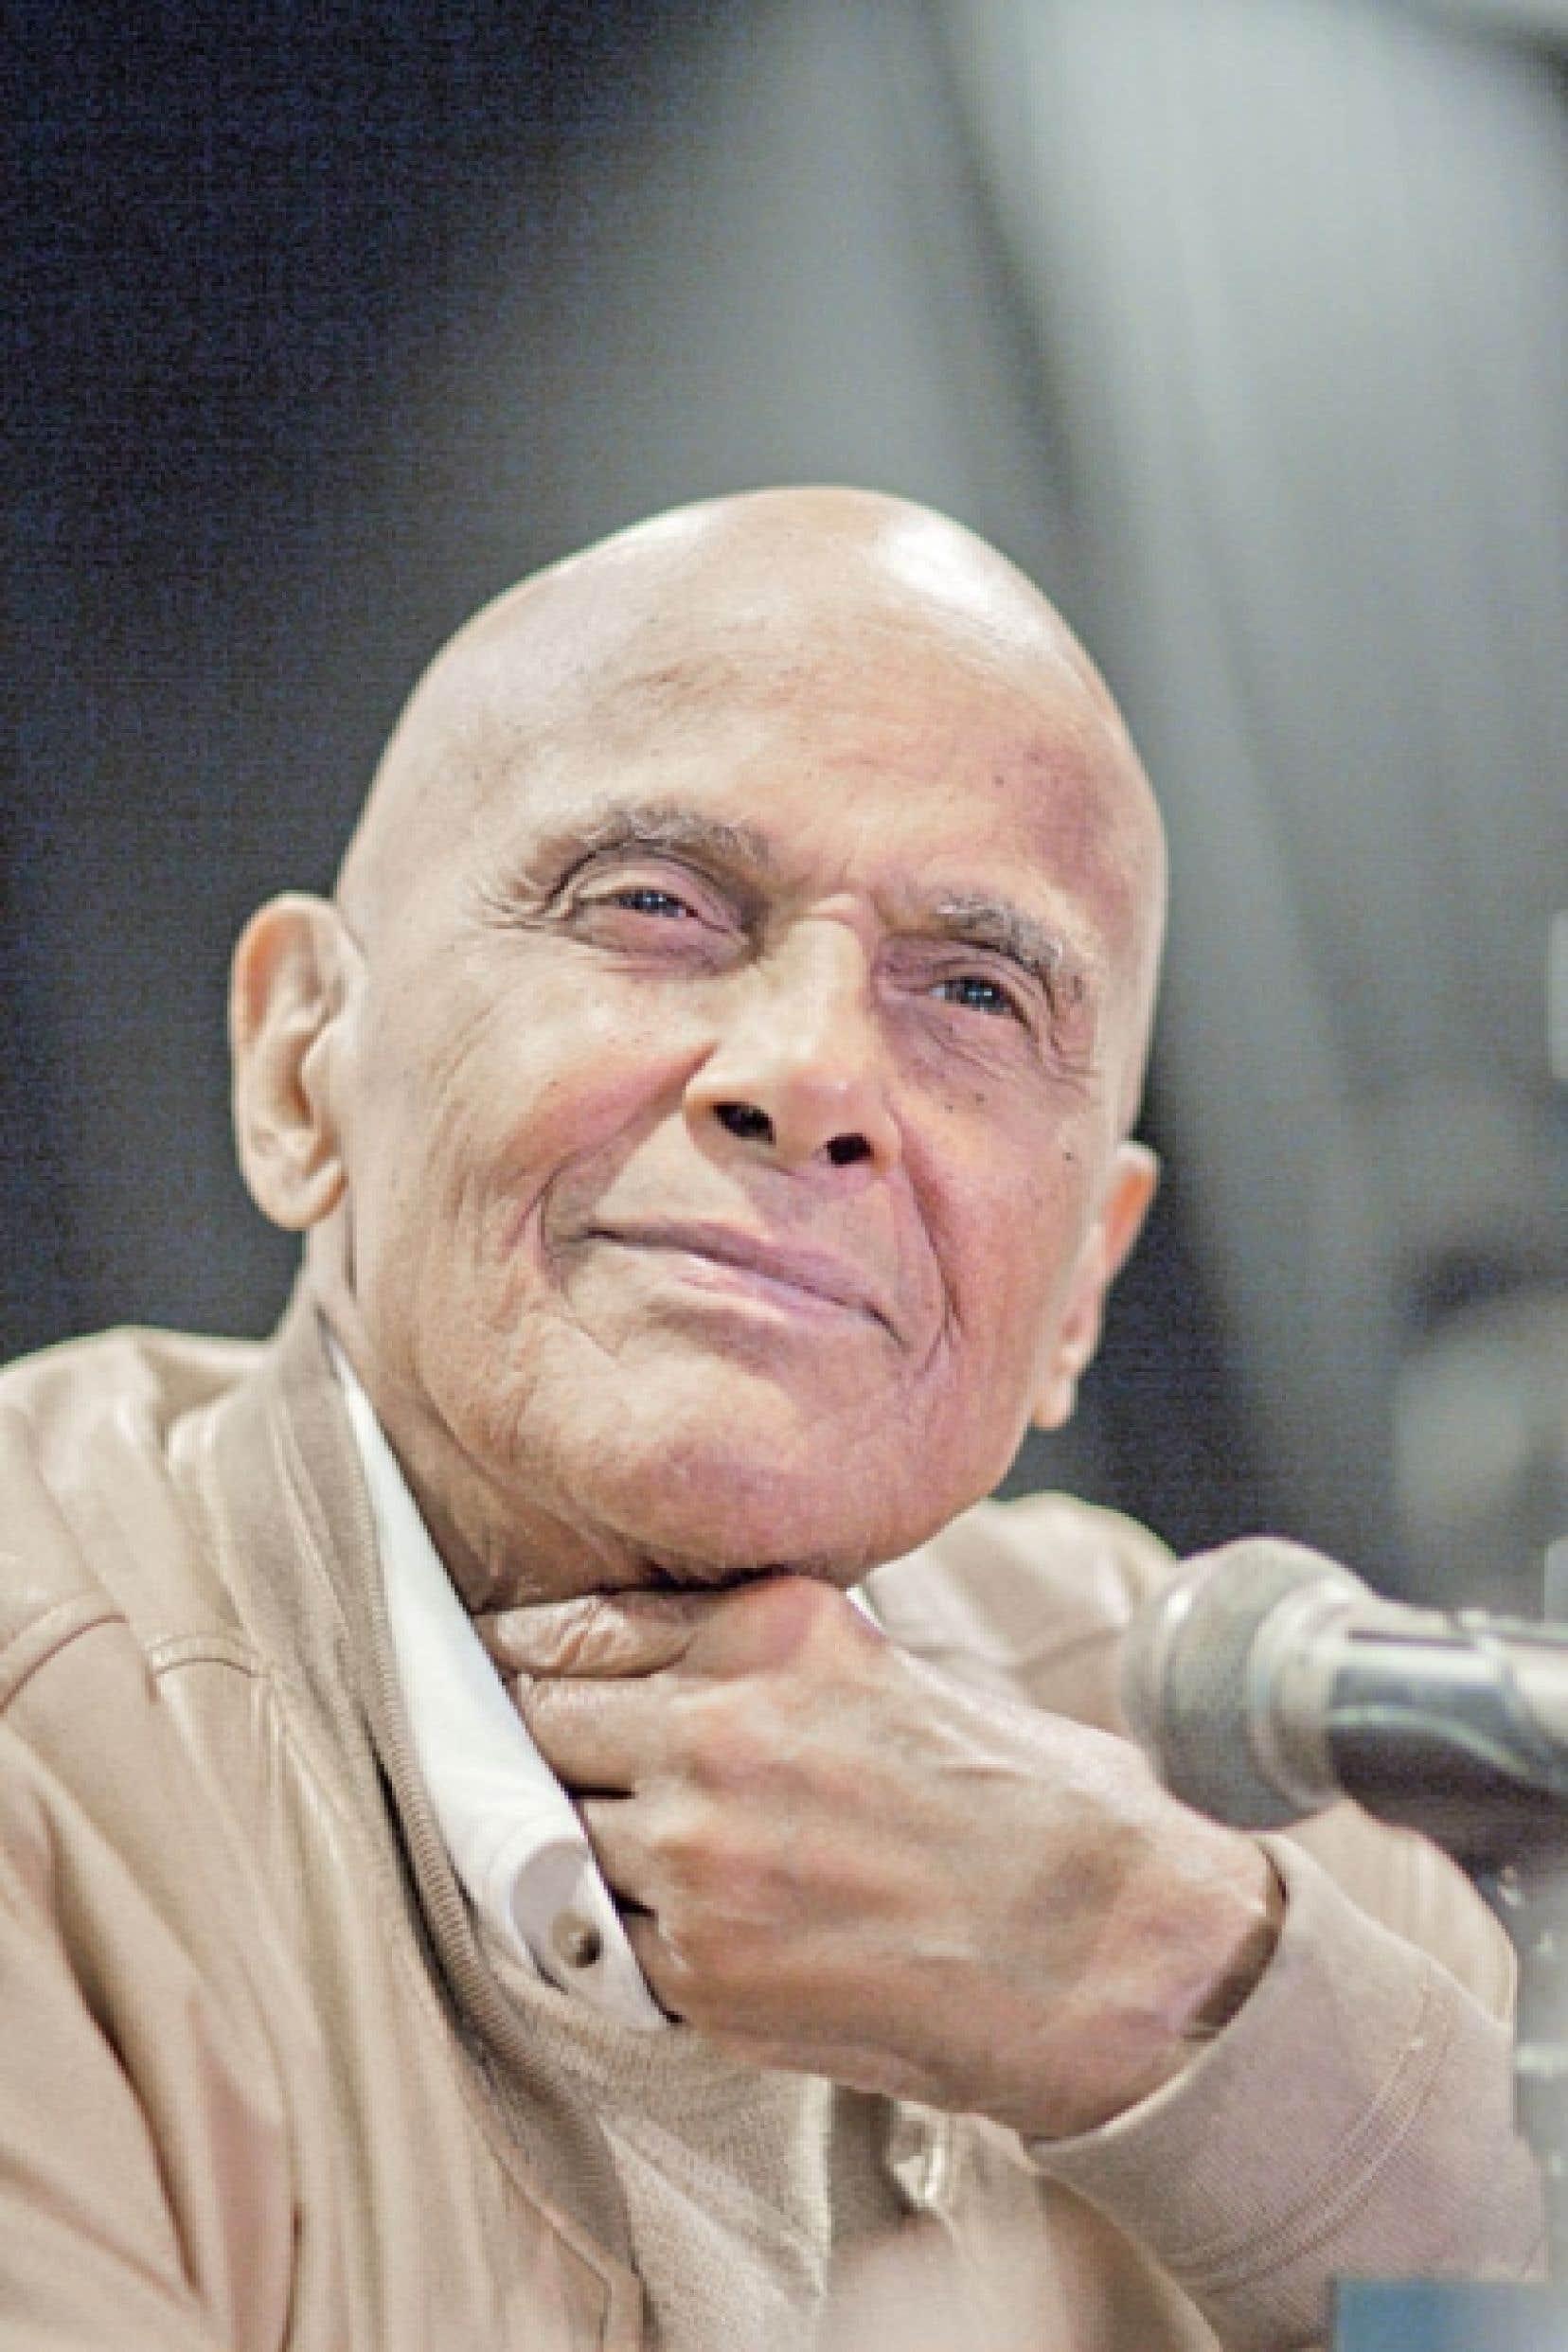 Aux yeux d'Harry Belafonte, on est sur Terre pour demeurer optimistes, par-delà les doutes.